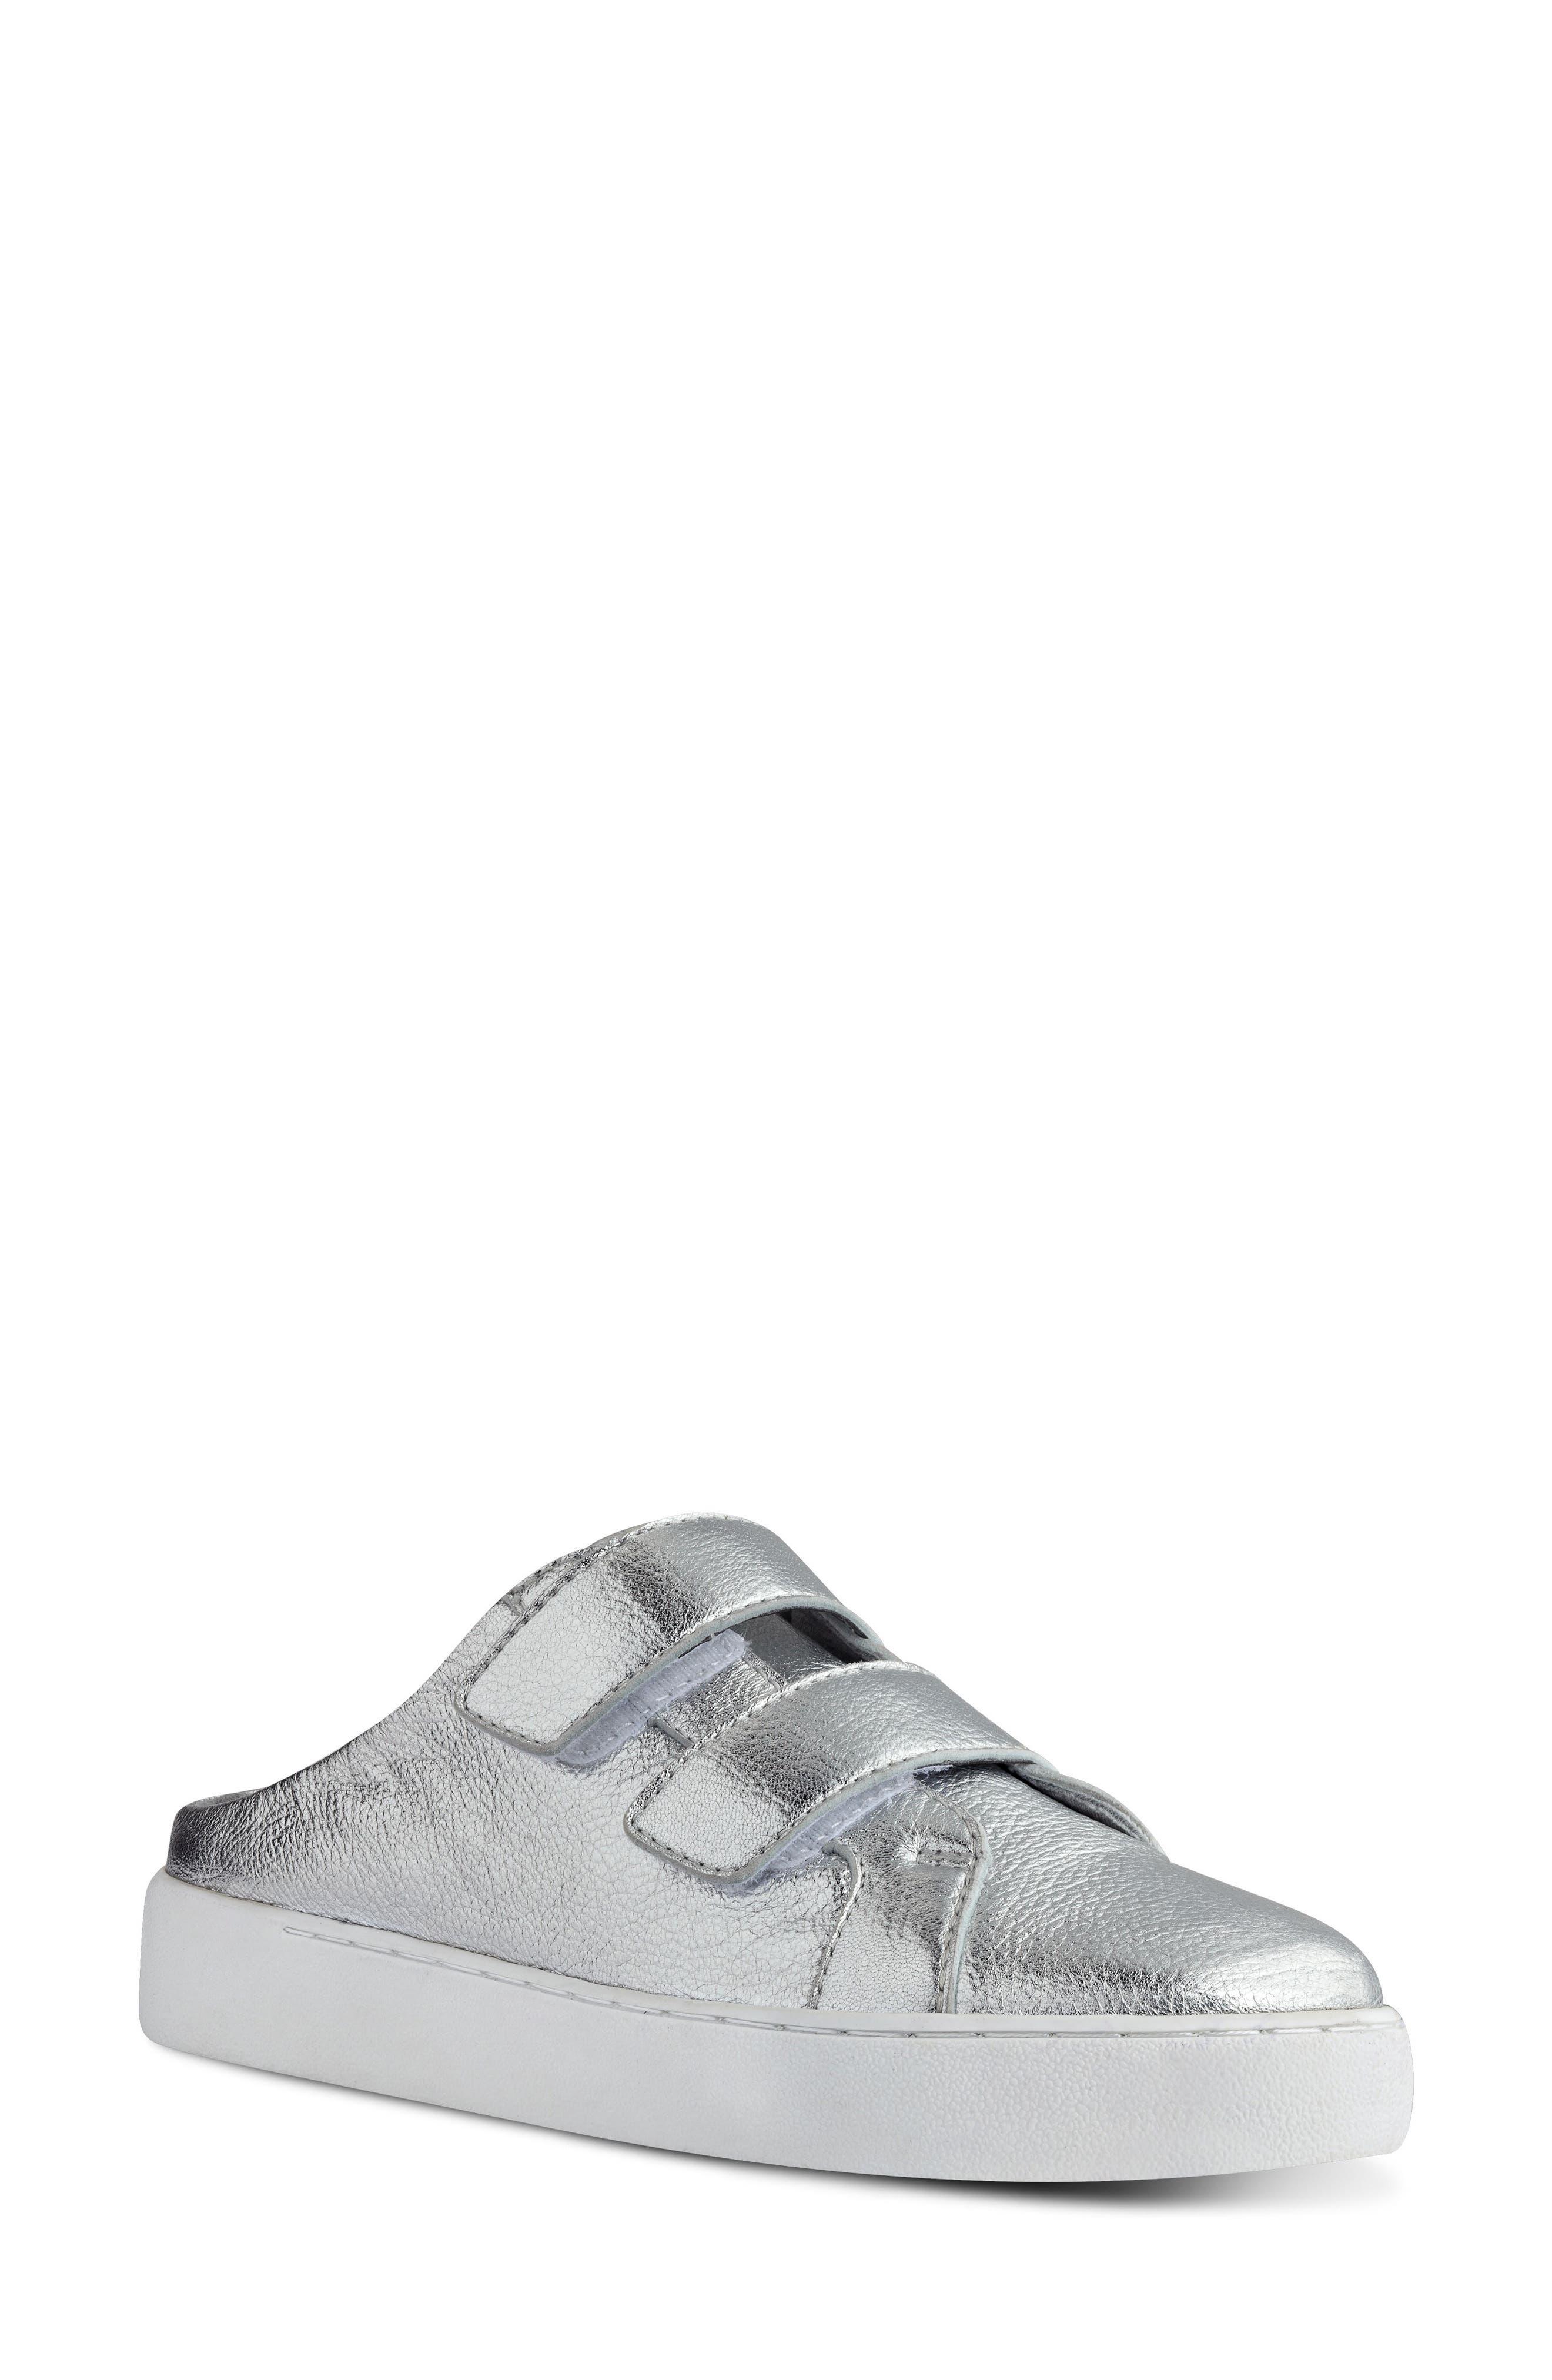 Main Image - Nine West Poeton Sneaker Mule (Women)